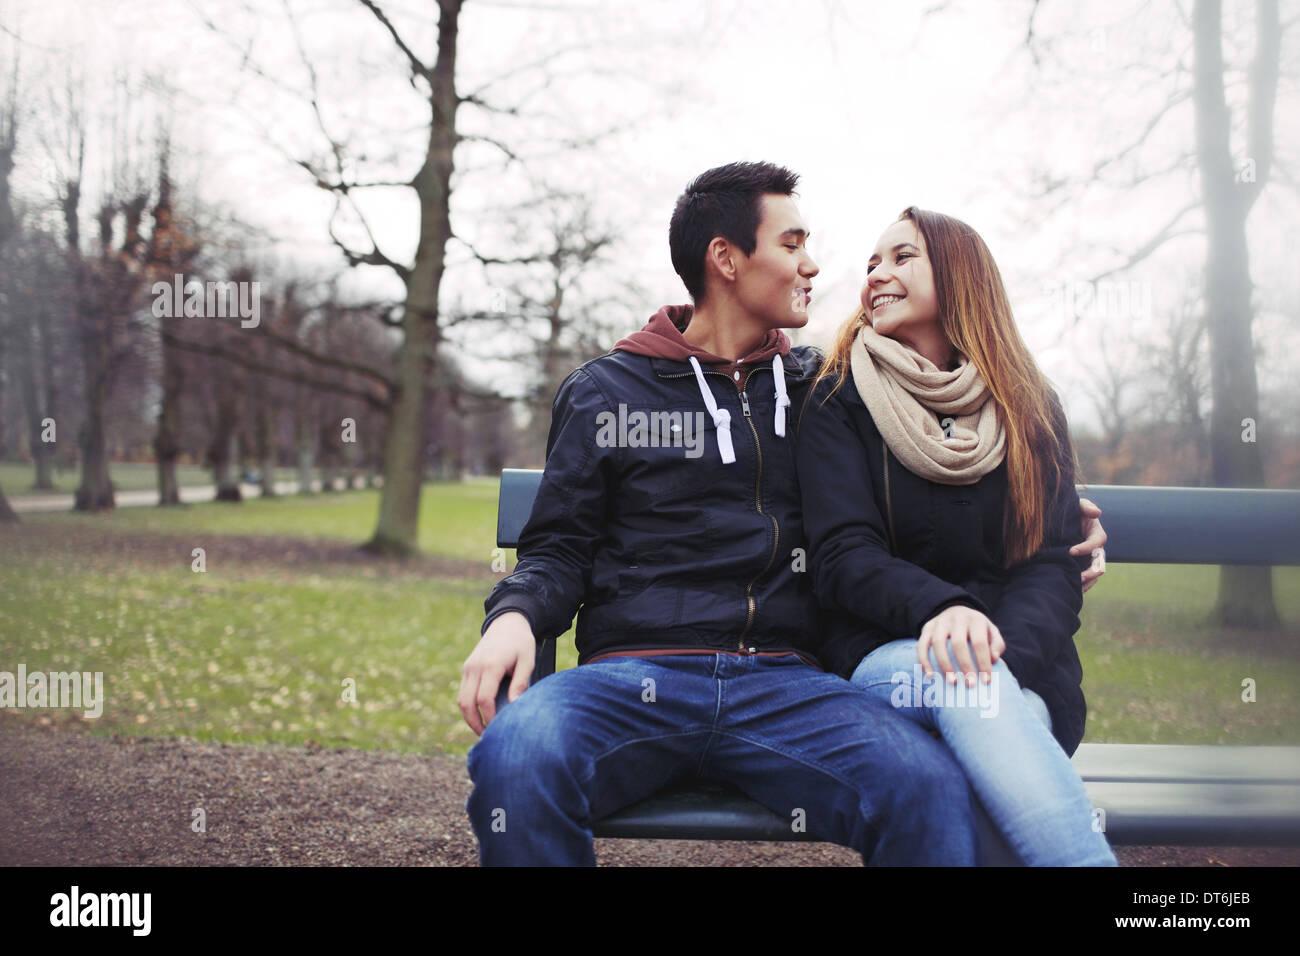 Felice coppia giovane seduta su una panchina all'aperto durante la stagione invernale. Asian teenage matura in vestiti caldi seduti su una panchina nel parco. Foto Stock